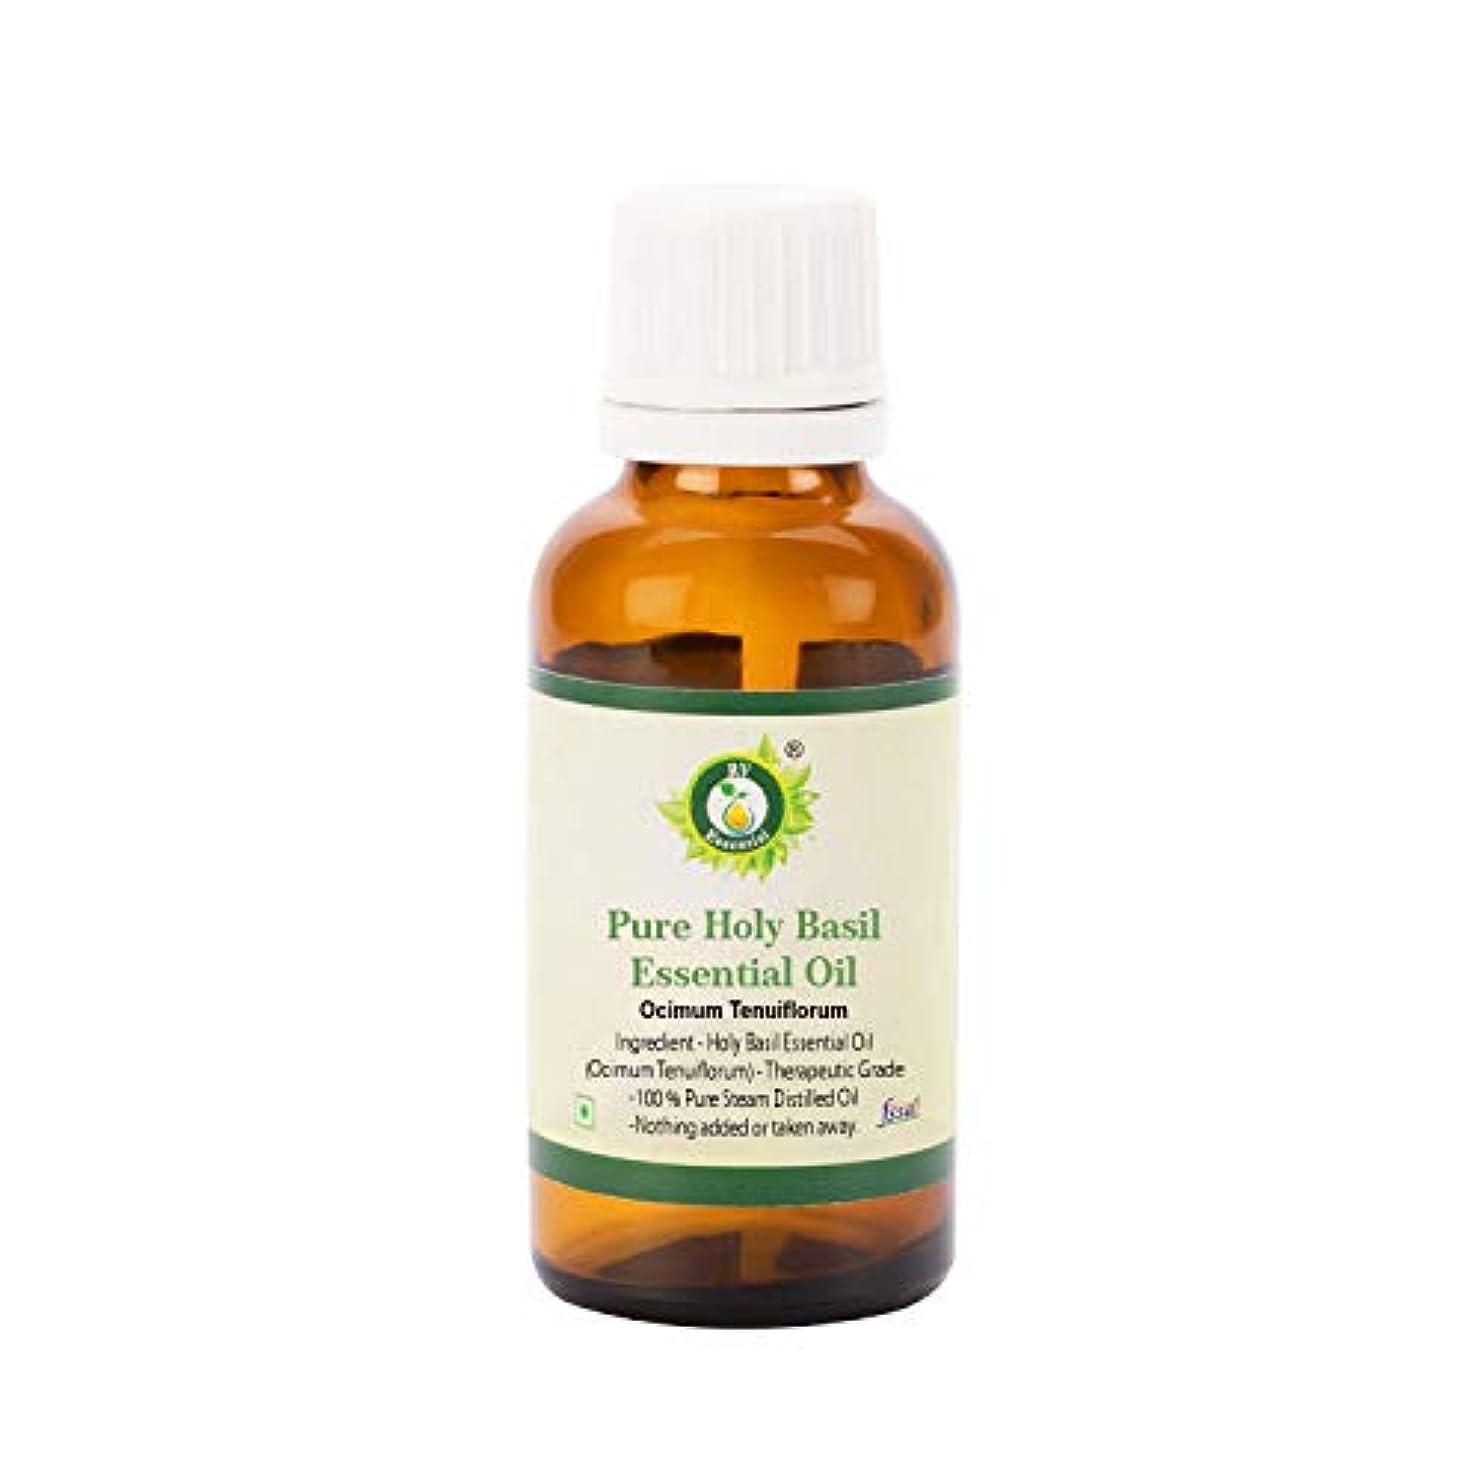 休日免除する床R V Essential ピュアホーリーバジルエッセンシャルオイル30ml (1.01oz)- Ocimum Tenuiflorum (100%純粋&天然スチームDistilled) Pure Holy Basil Essential...